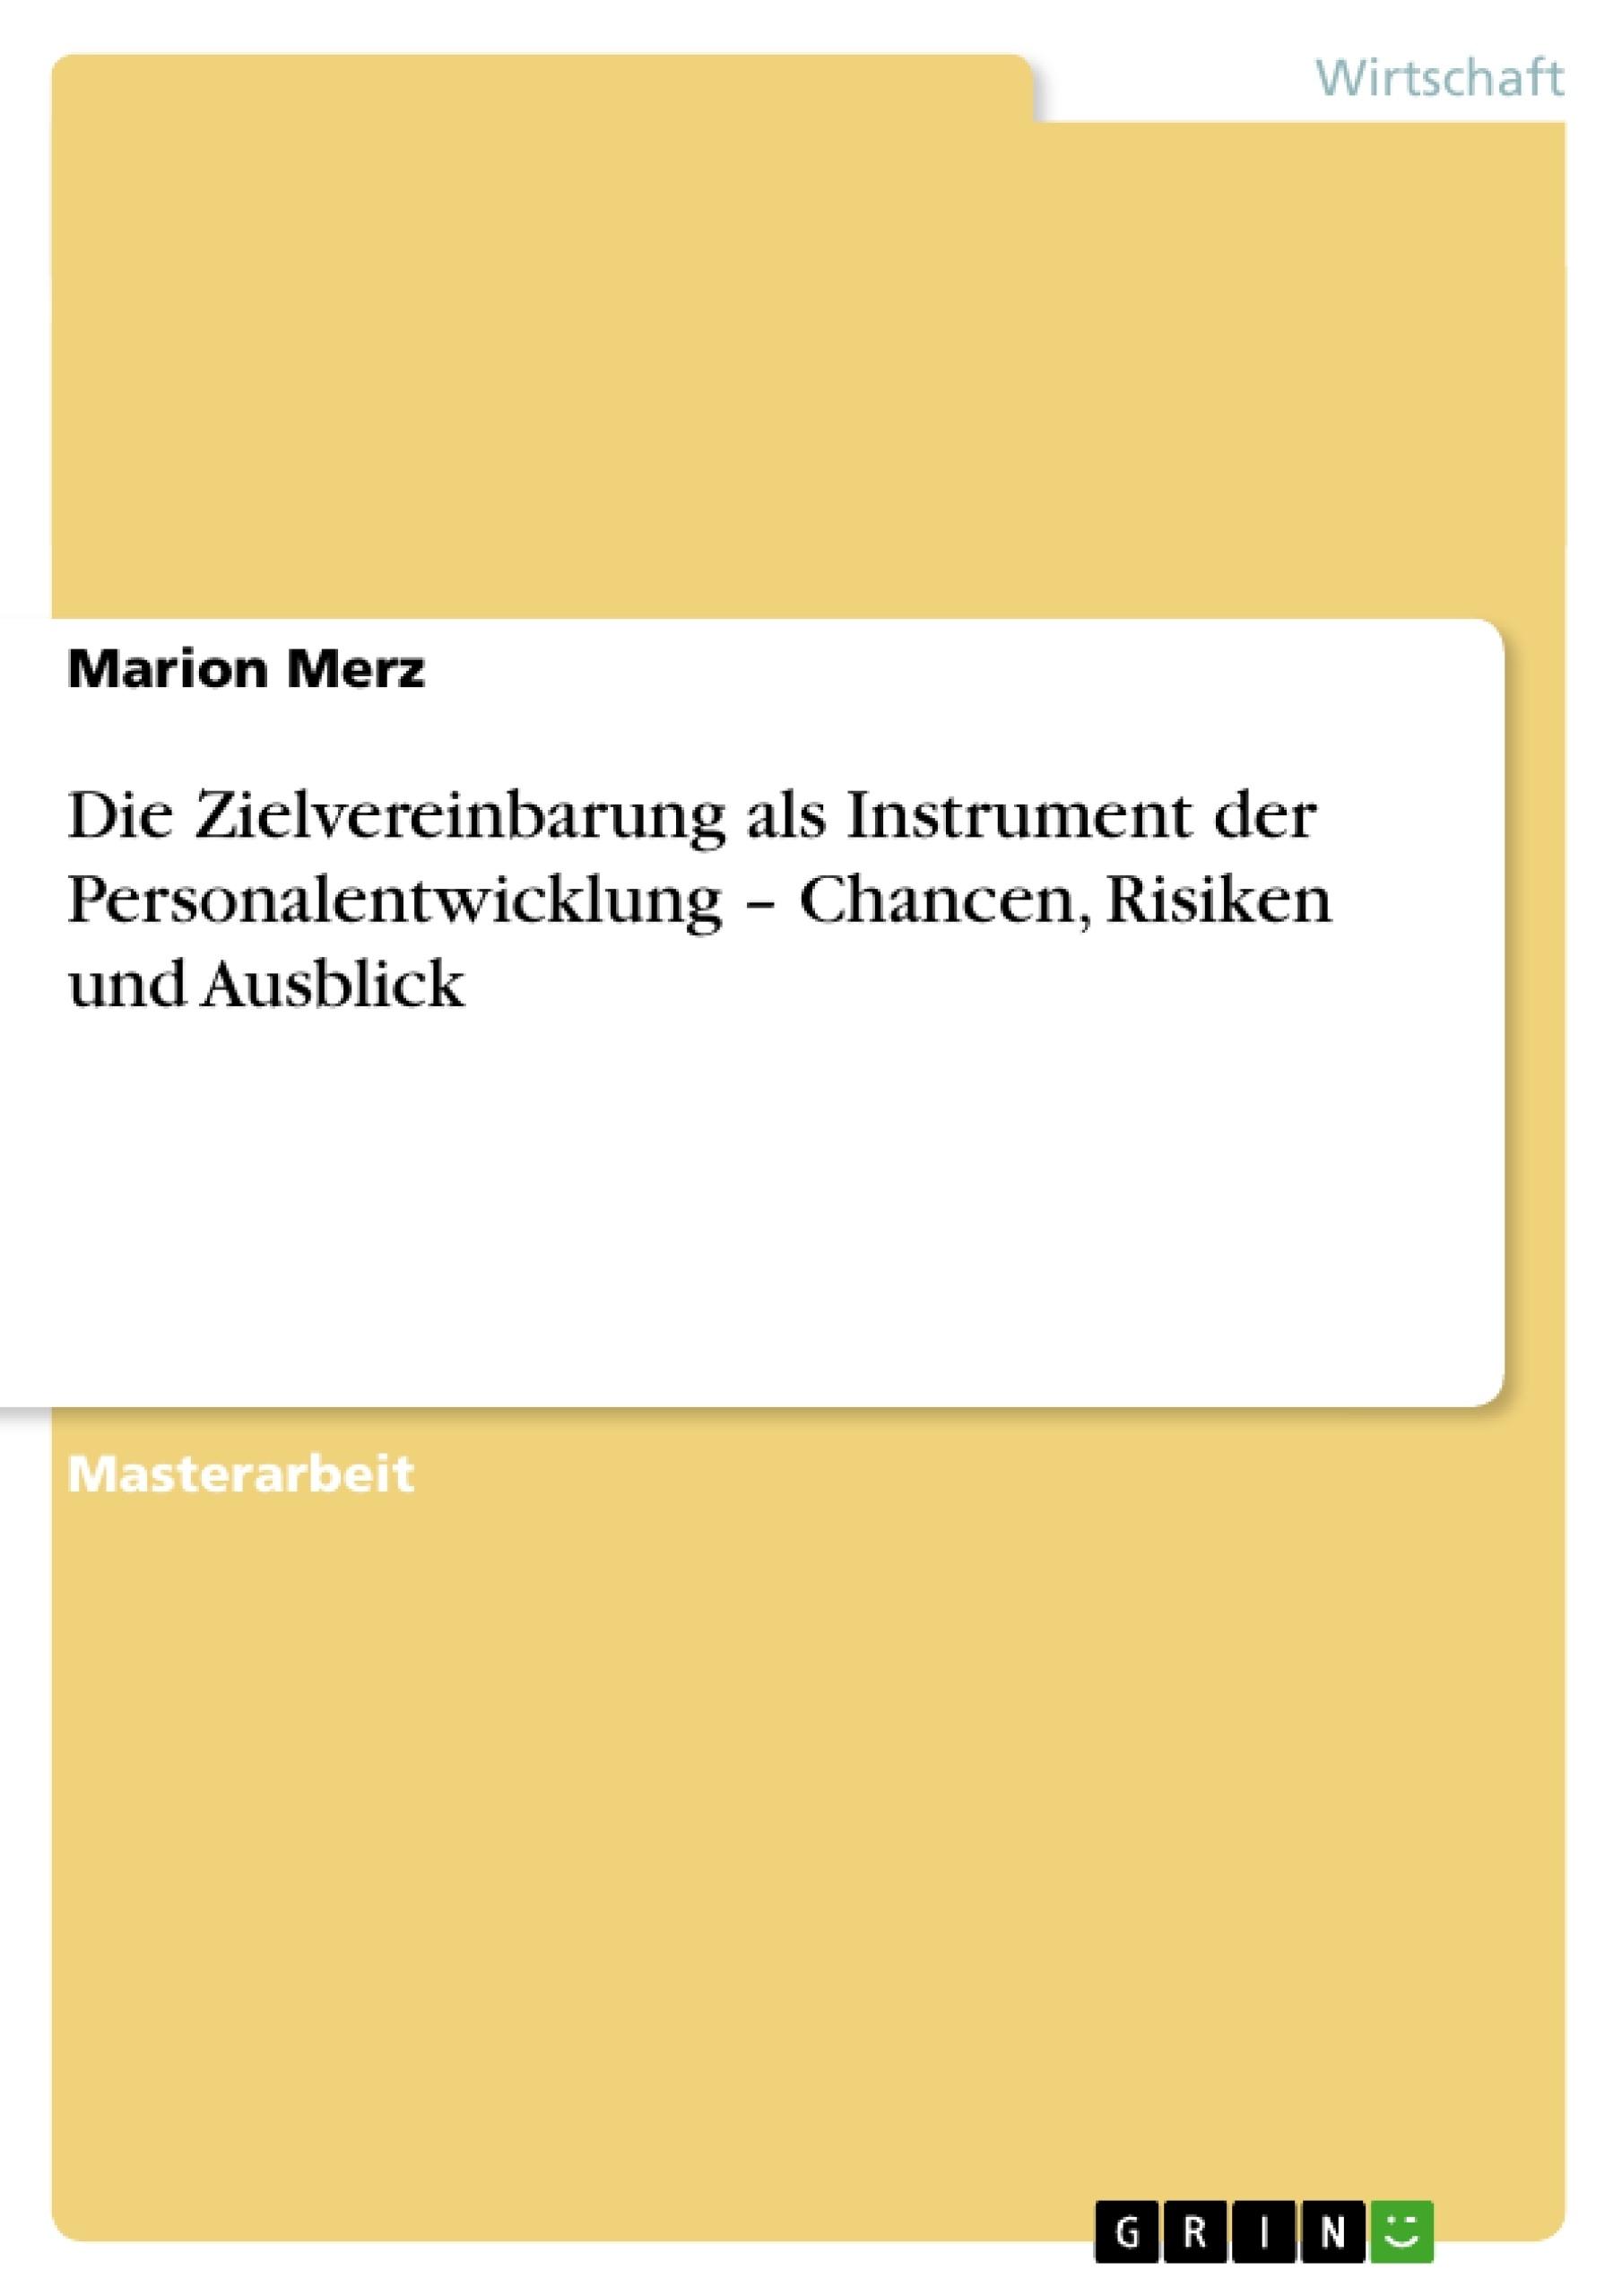 Titel: Die Zielvereinbarung als Instrument der Personalentwicklung – Chancen, Risiken und Ausblick